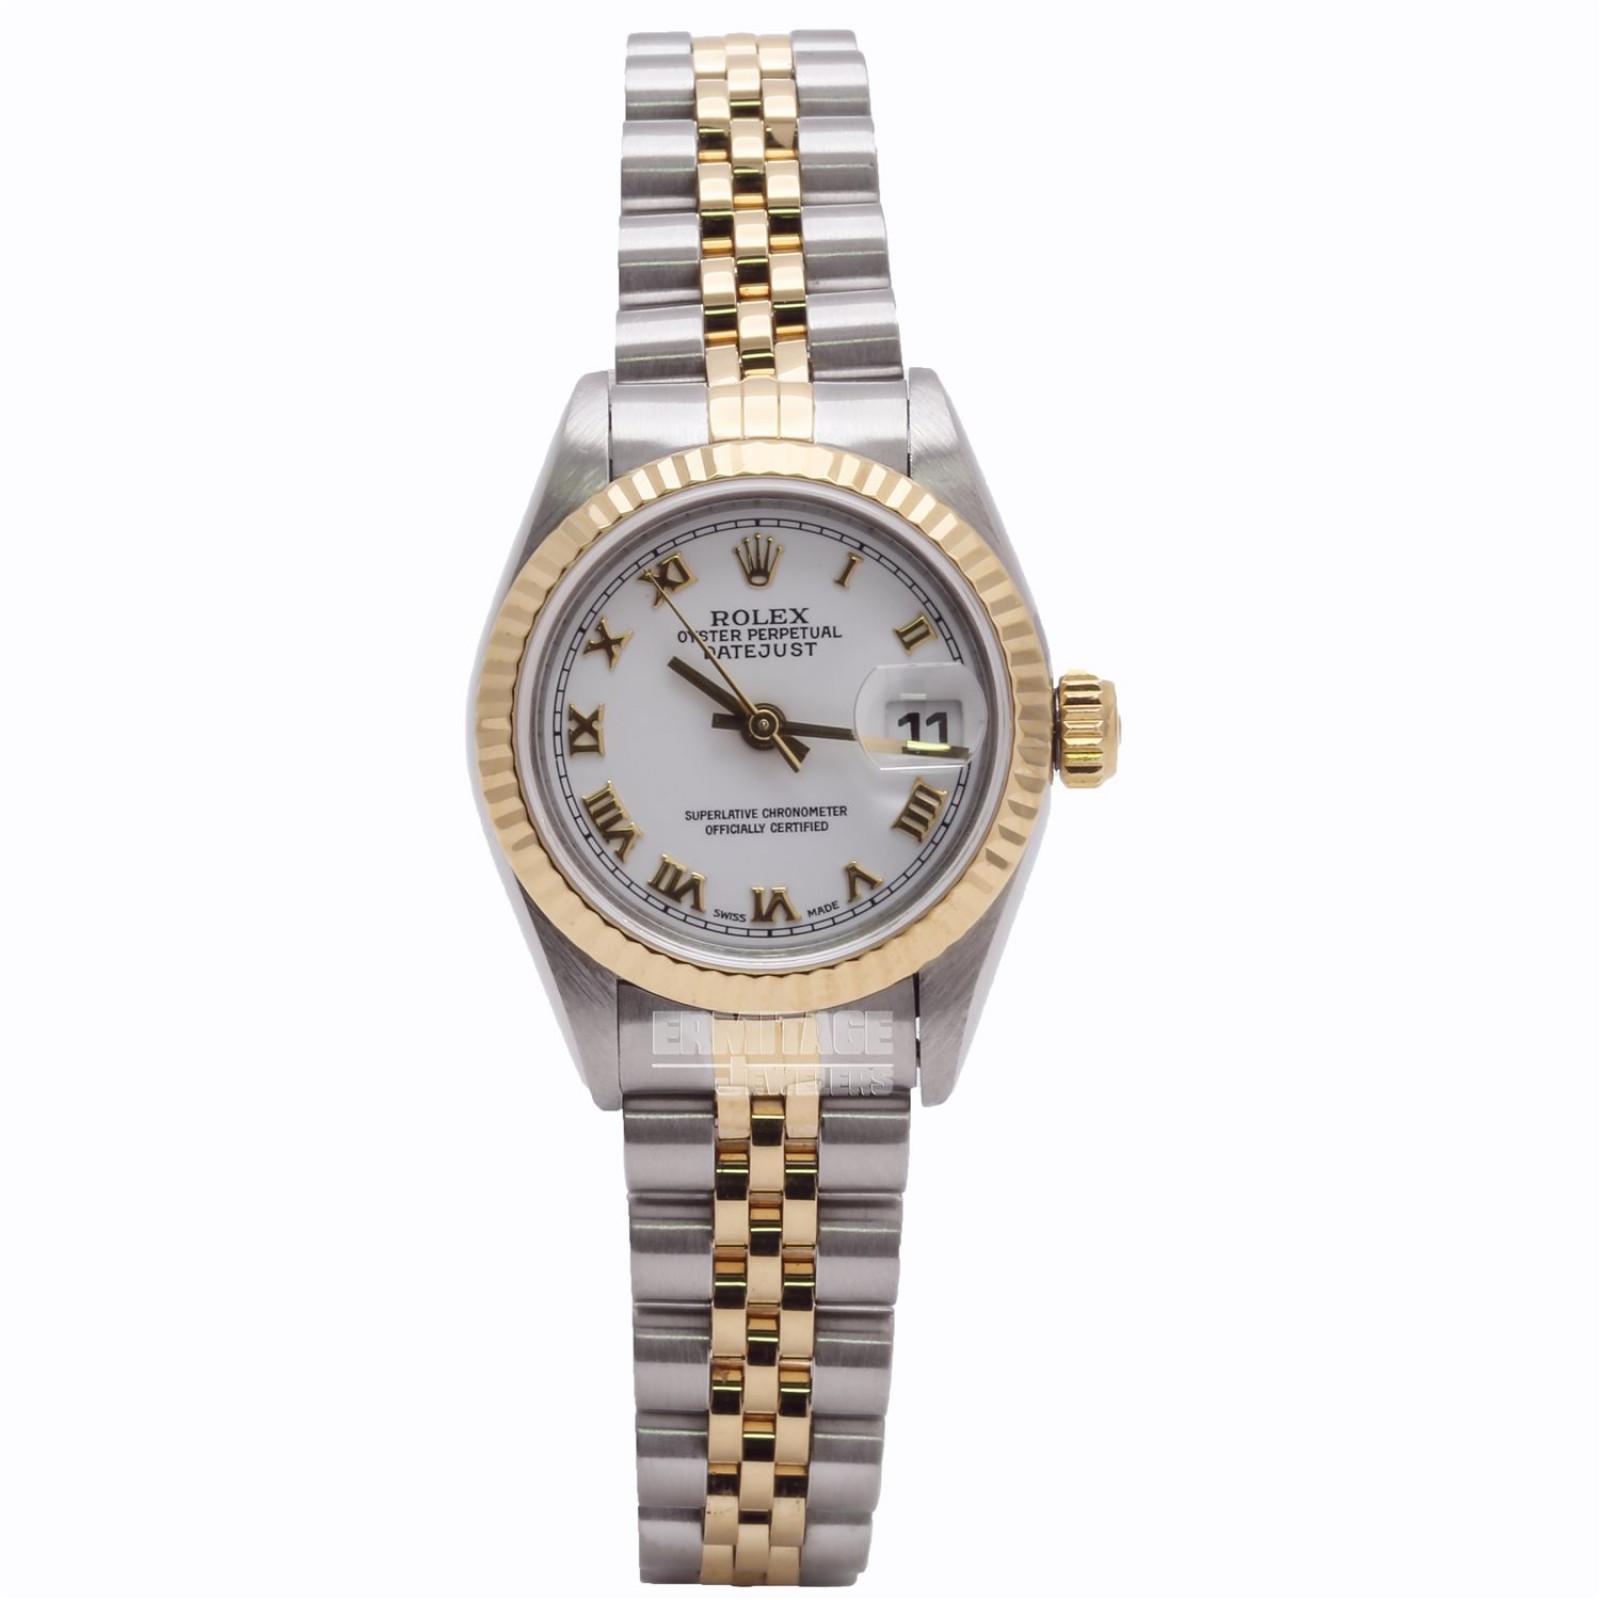 Rolex Ladies Datejust Watch 69173 5066